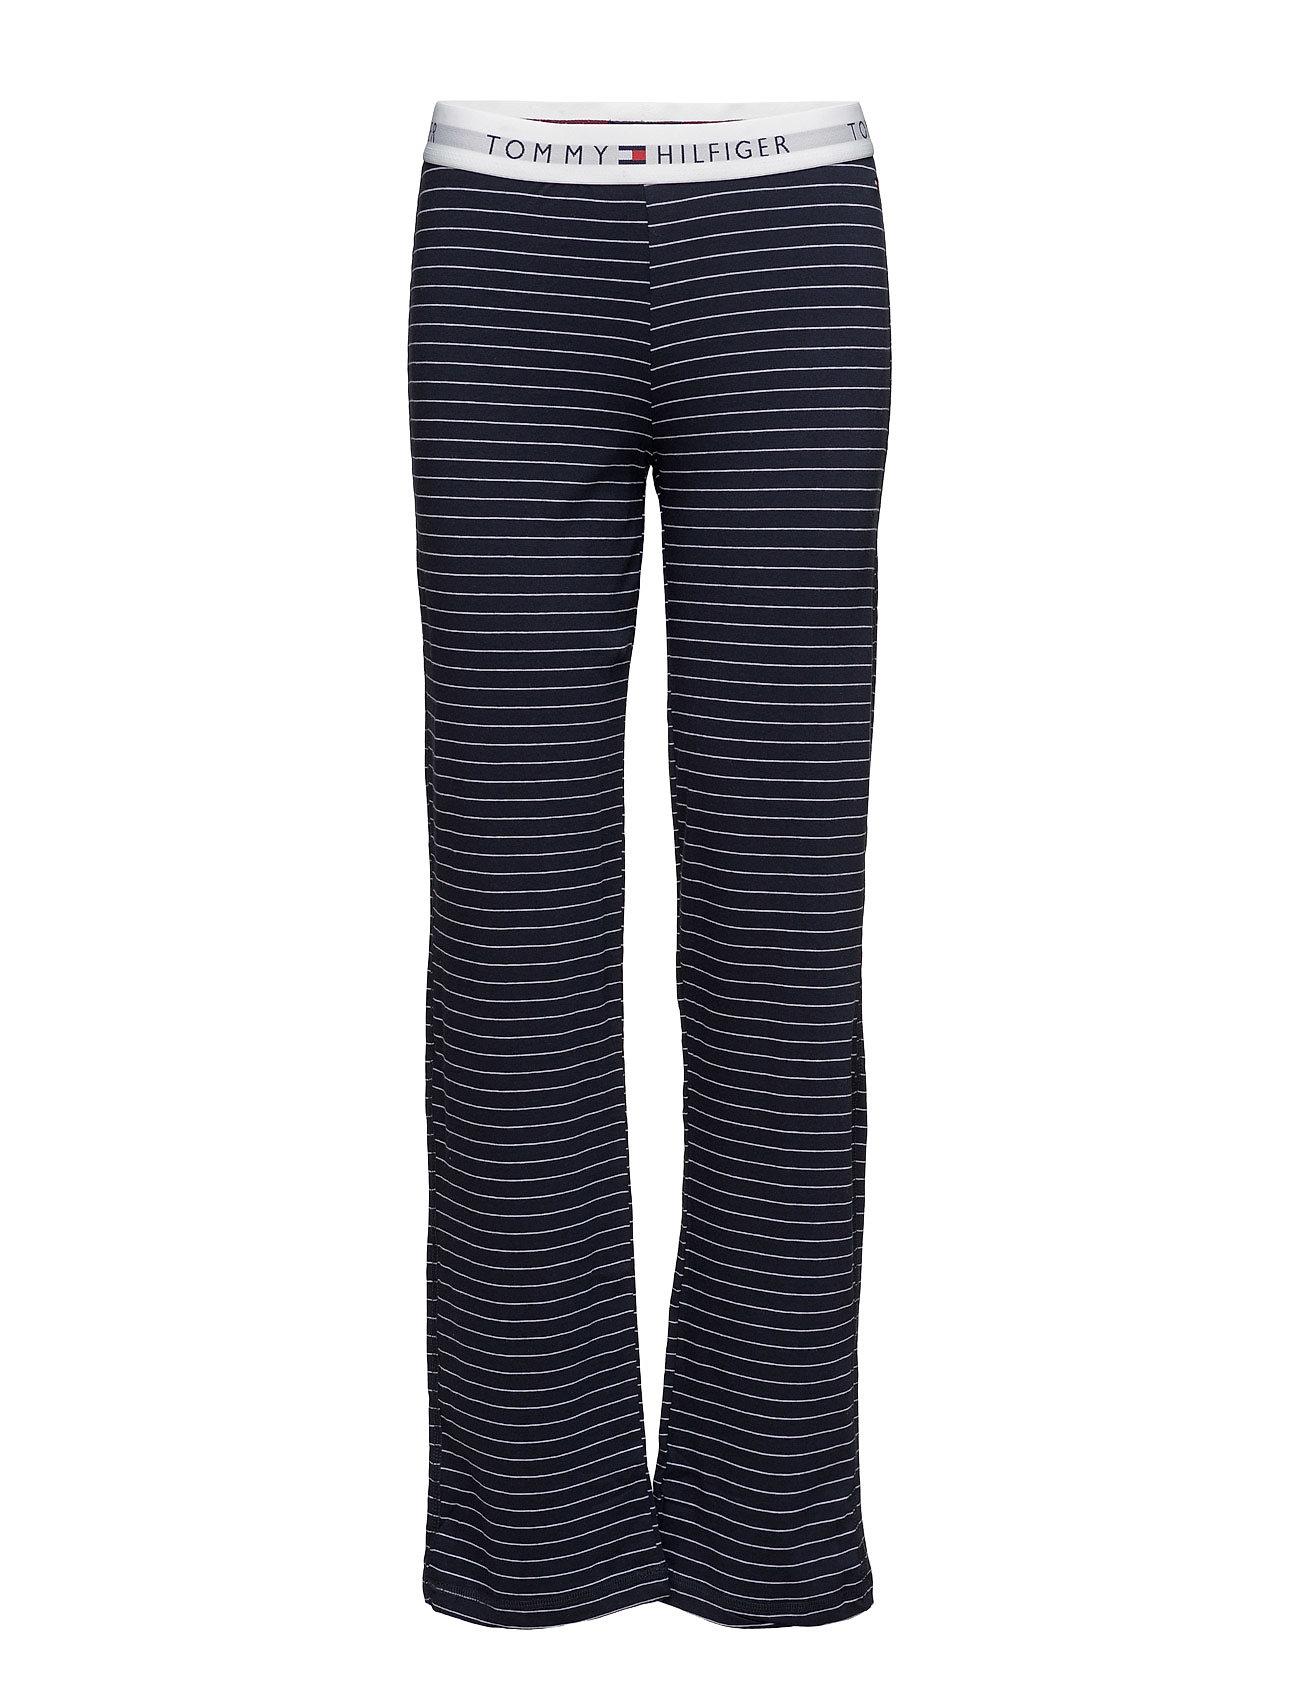 Pant Fashion Tommy Hilfiger Loungewear til Kvinder i